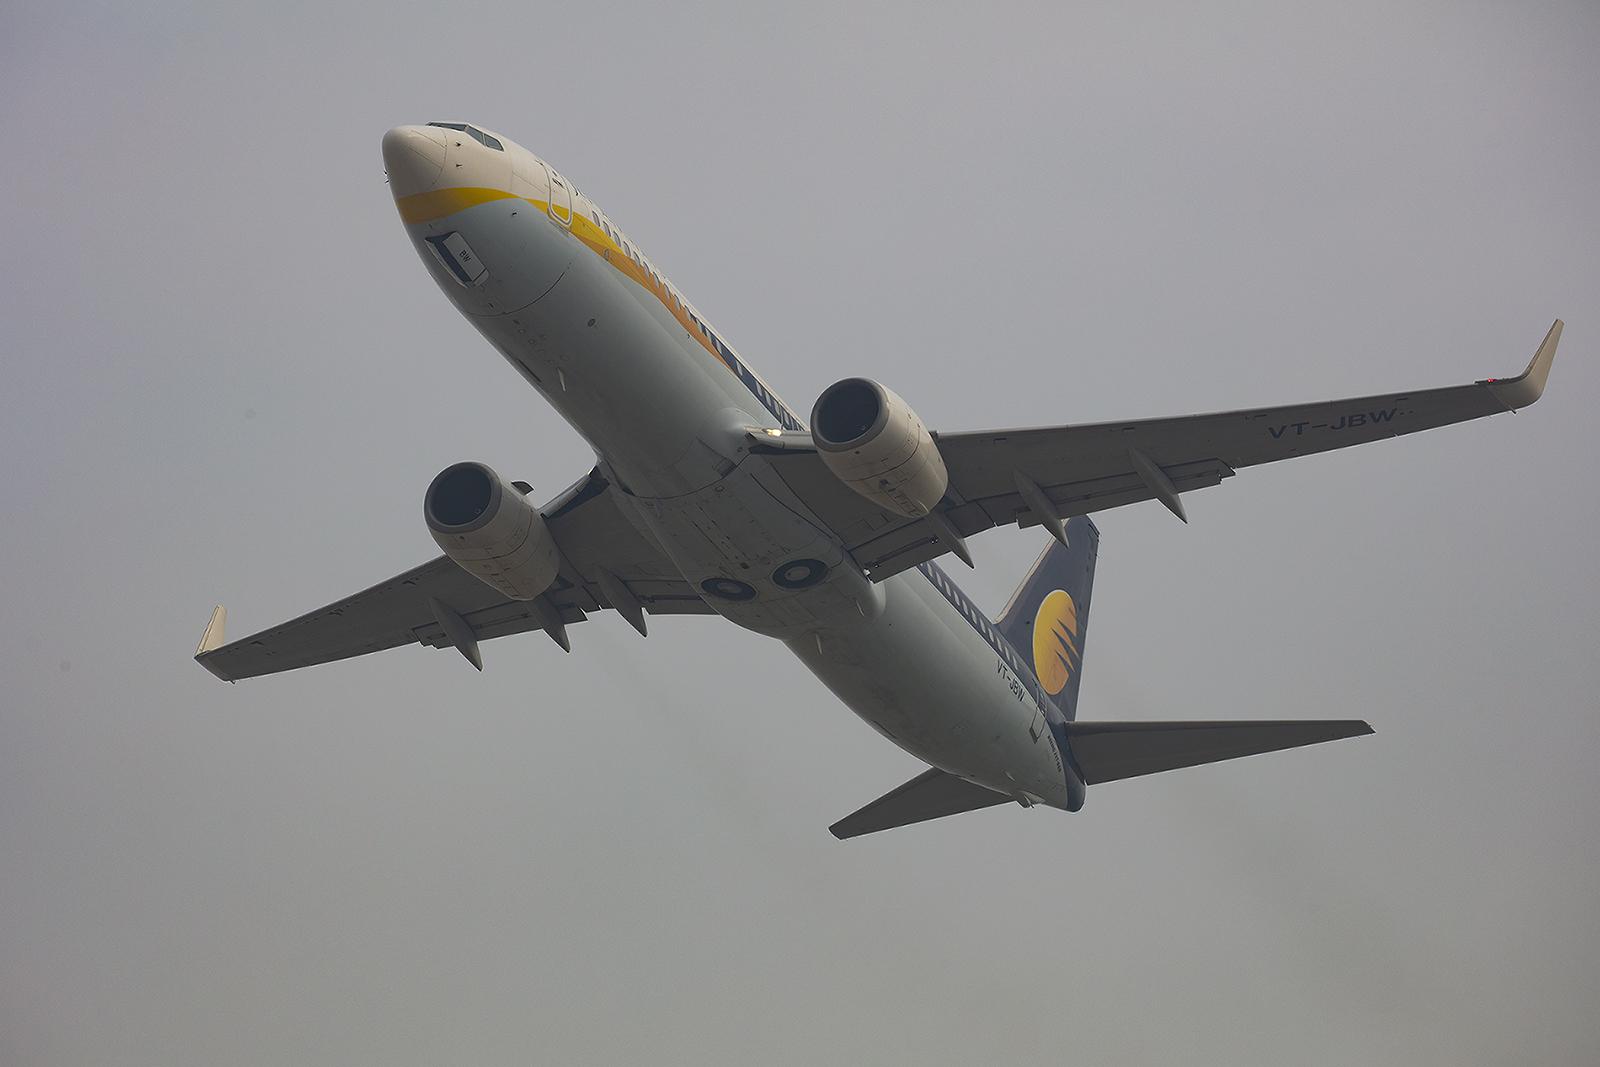 Mein letztes Bild einer Jet Airways. Wenige Tage später war die Gesellschaft bankrott.